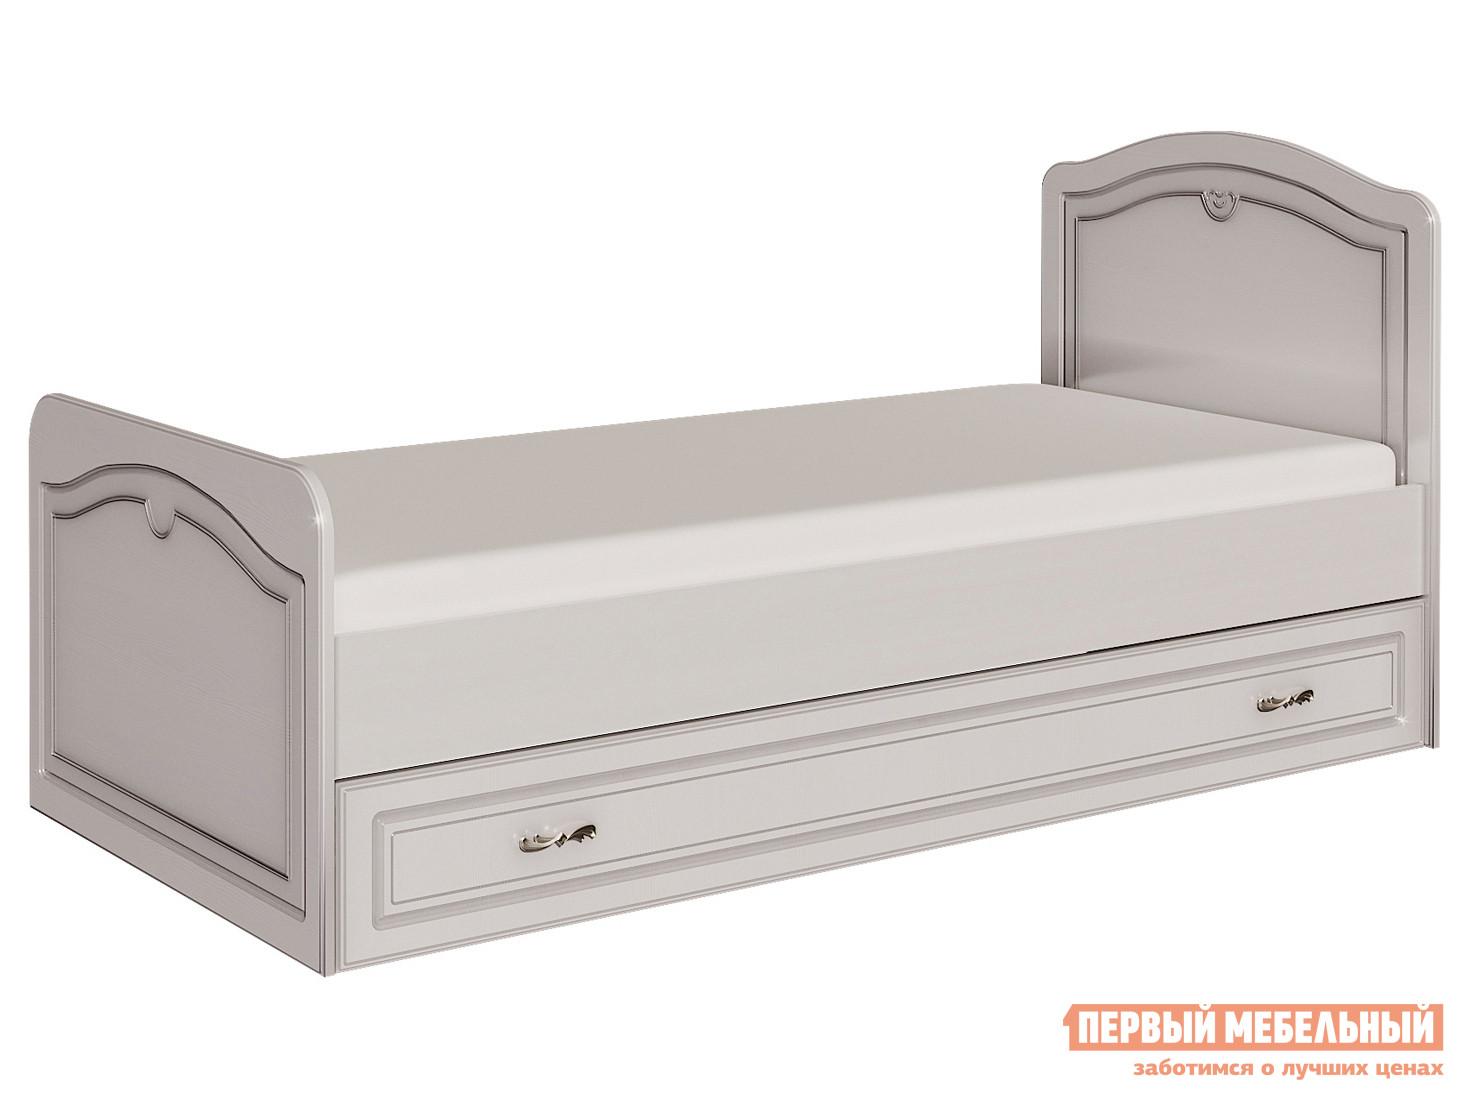 Детская кровать ТД Арника Кровать одинарная 800 Мелания 5 кровать с ящиками тд арника принцесса 05